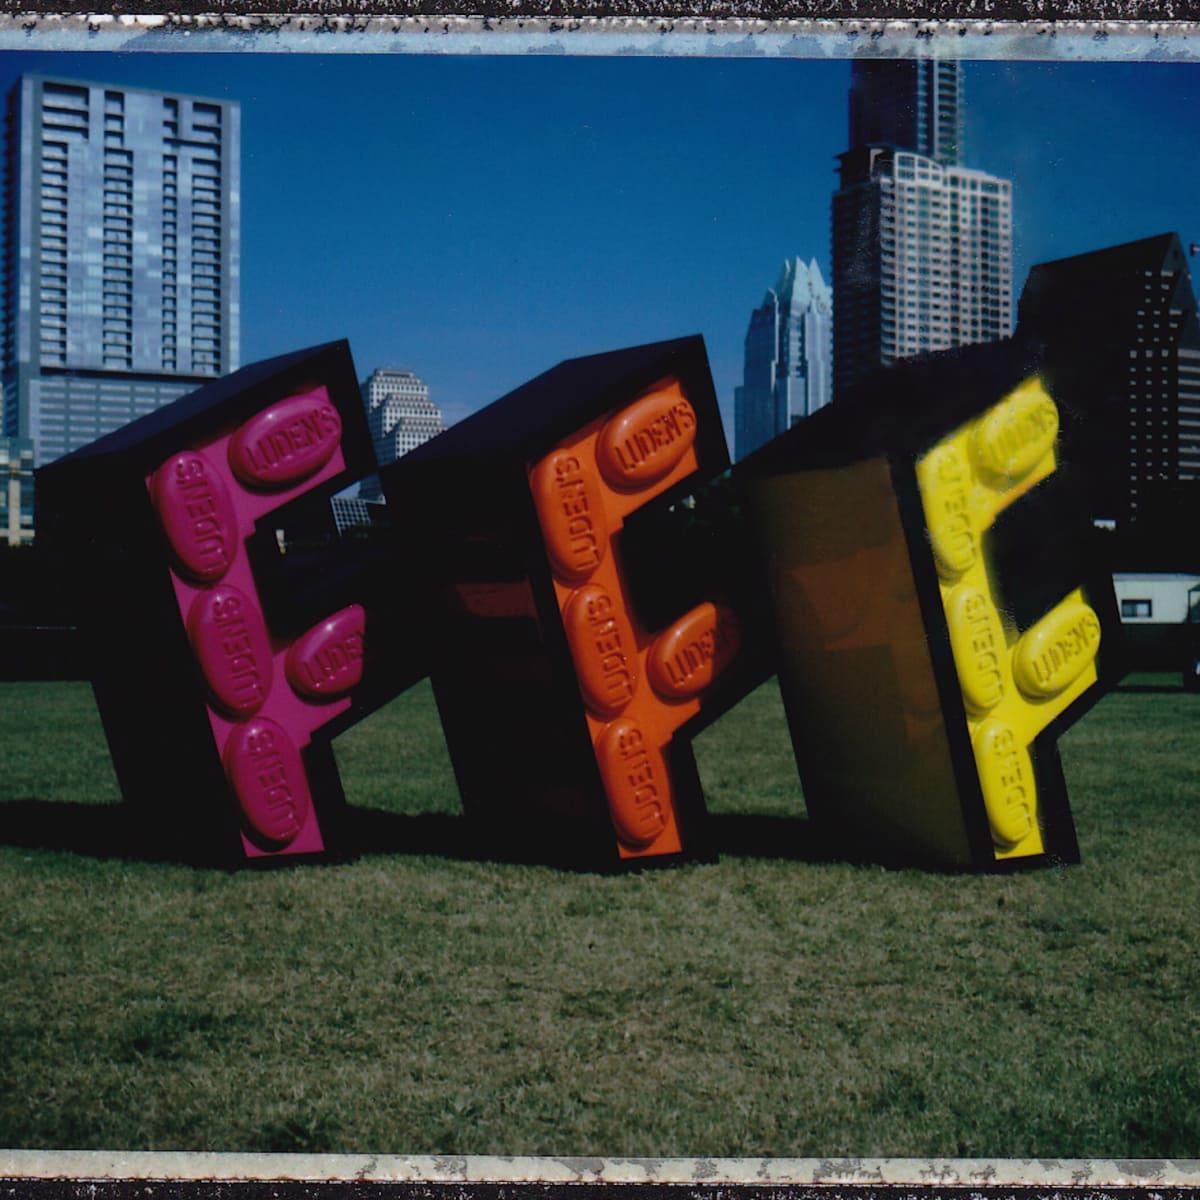 Fun Fun Fest Polaroid Experience 2013 in Austin Fun Fun Fun Fest